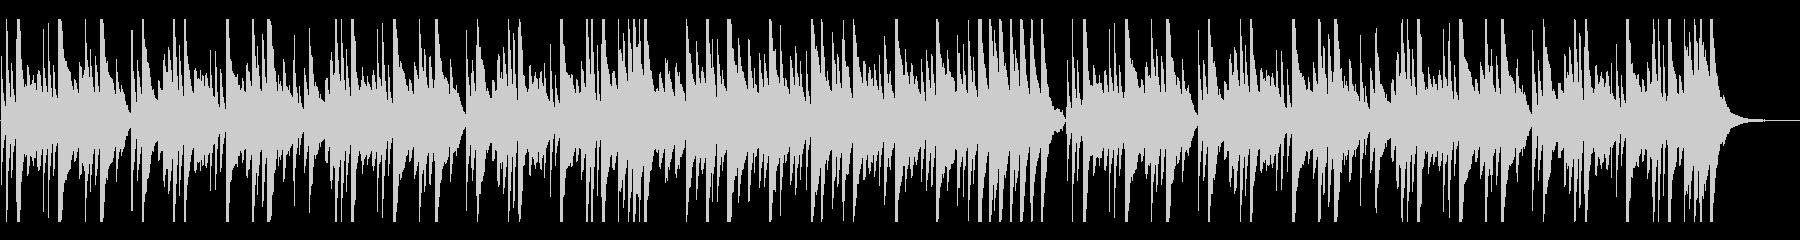 しんみりと優しく切ないピアノバラードの未再生の波形